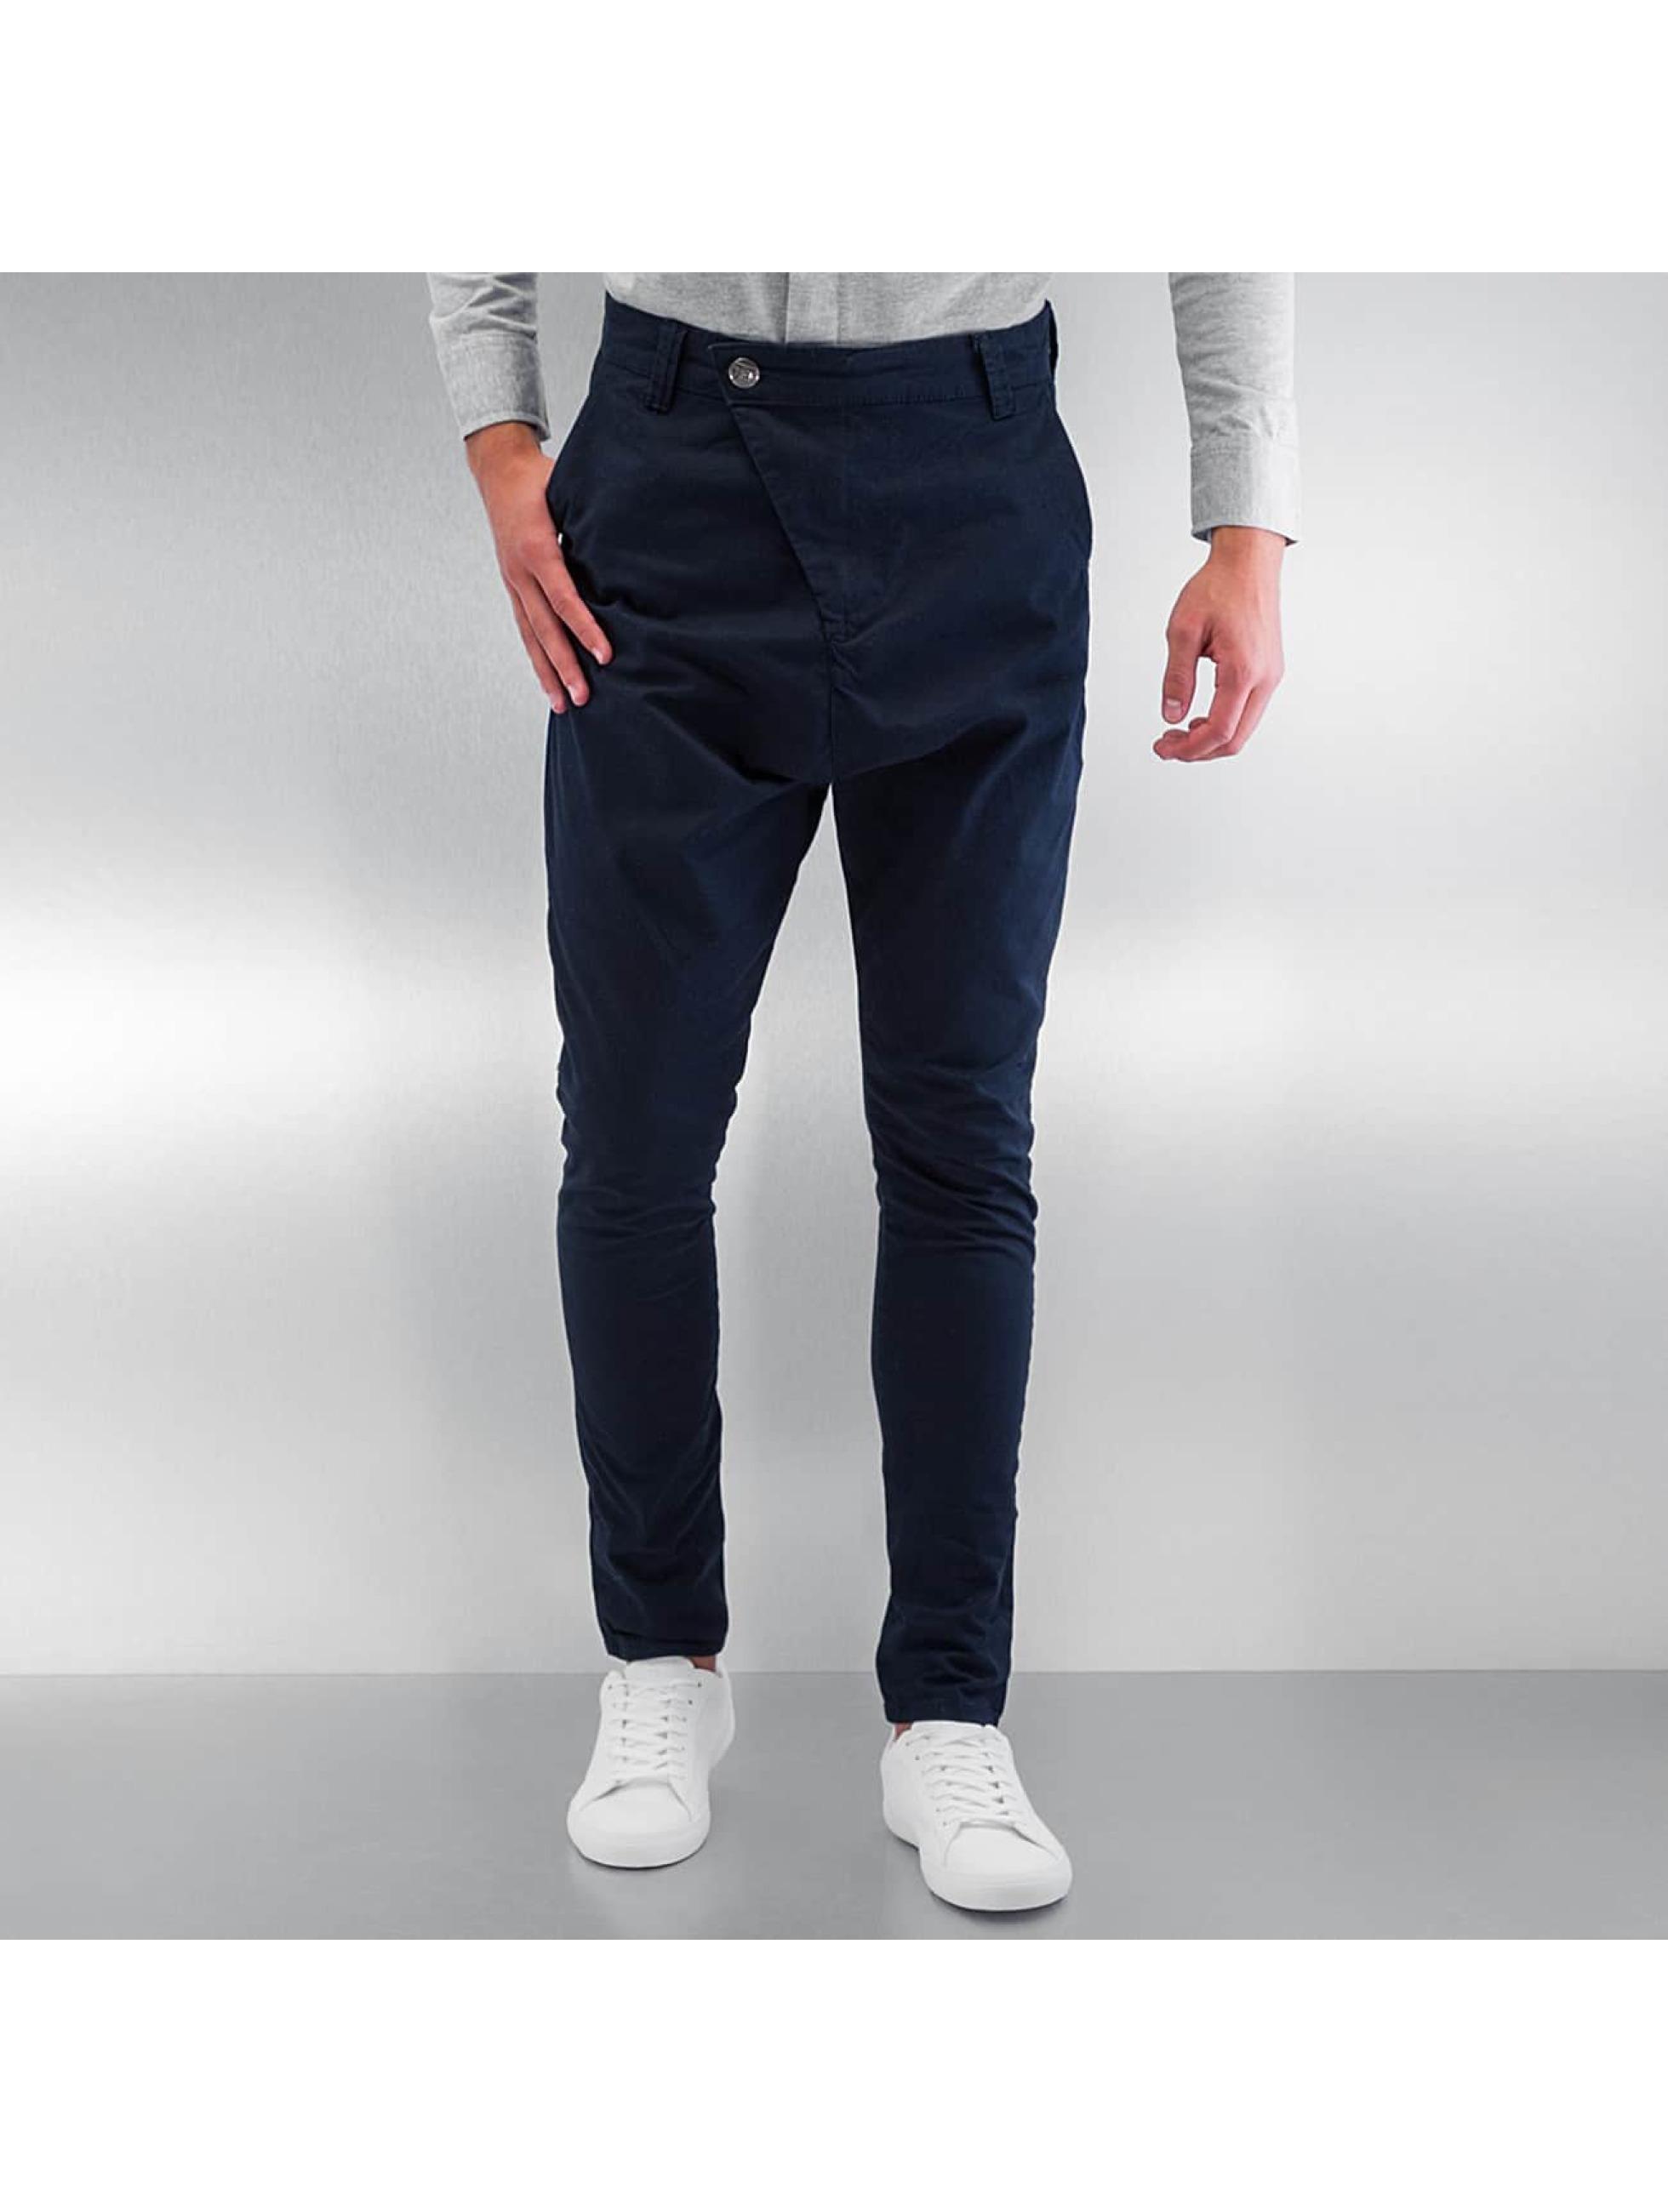 DEF Antifit Chino Pants Blue Sale Angebote Döbern